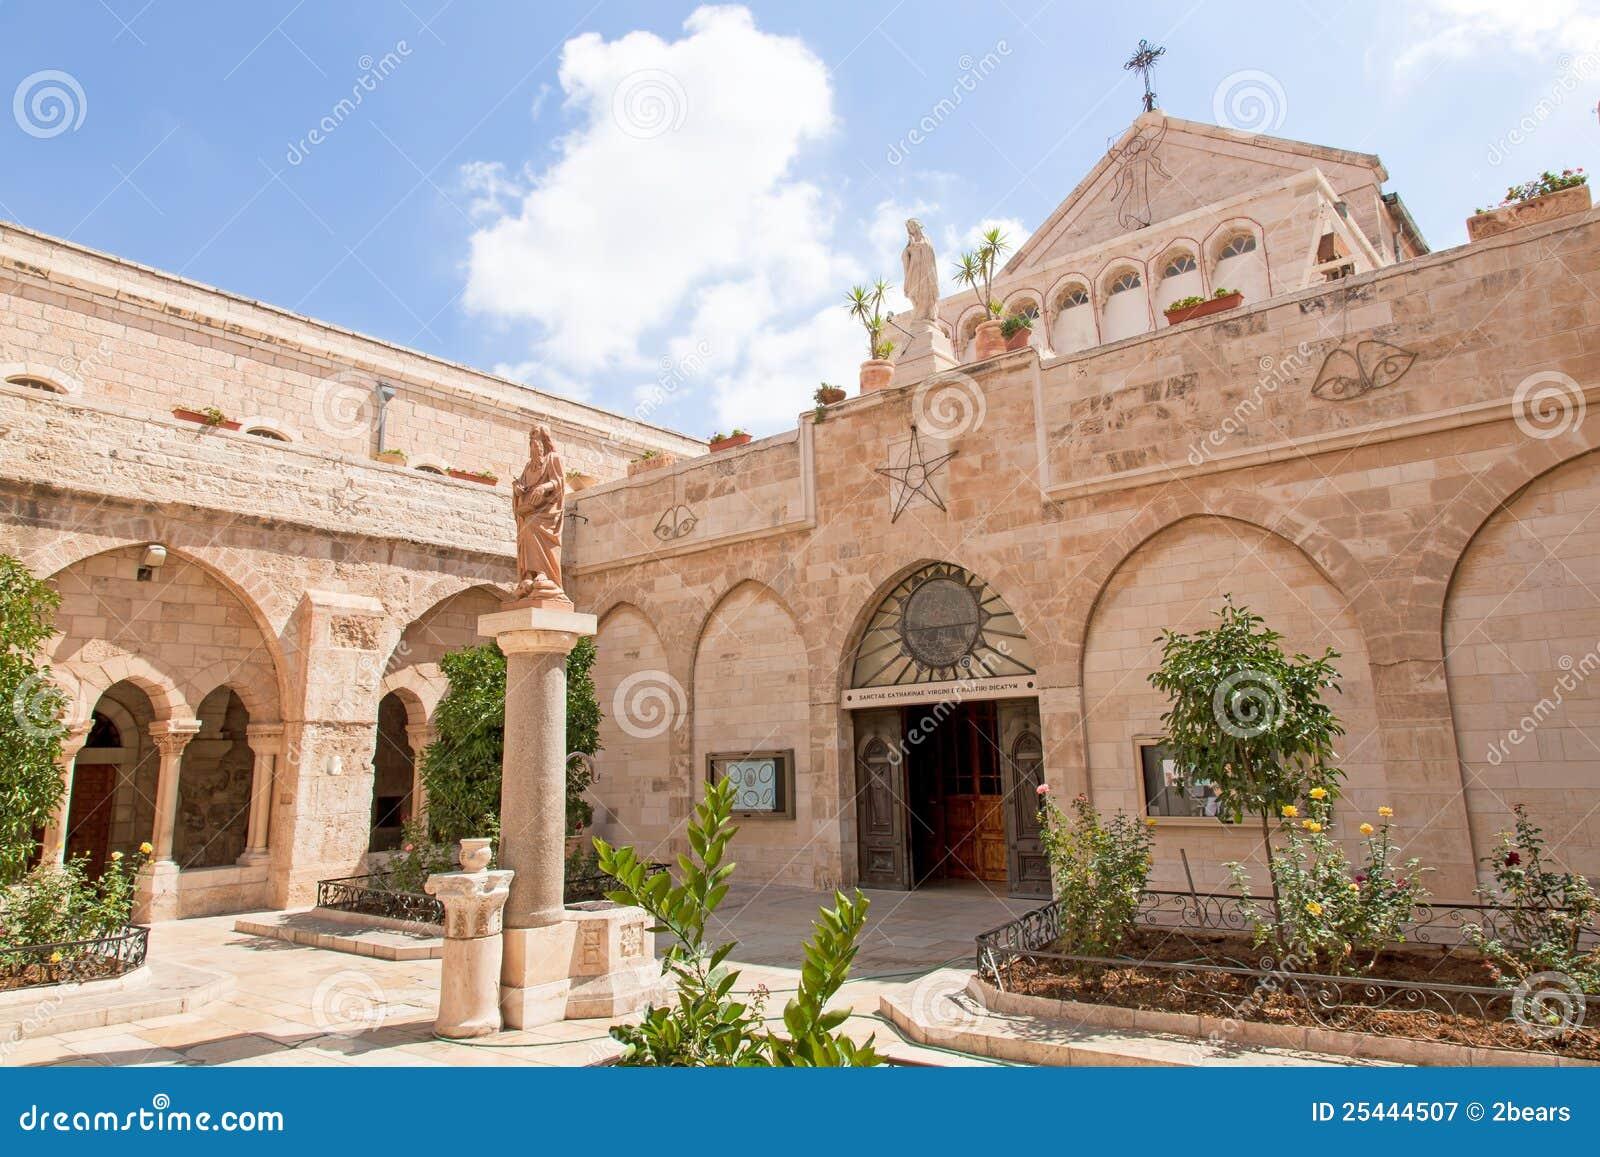 Palestin. Bethlehem. The Church of the Nativity